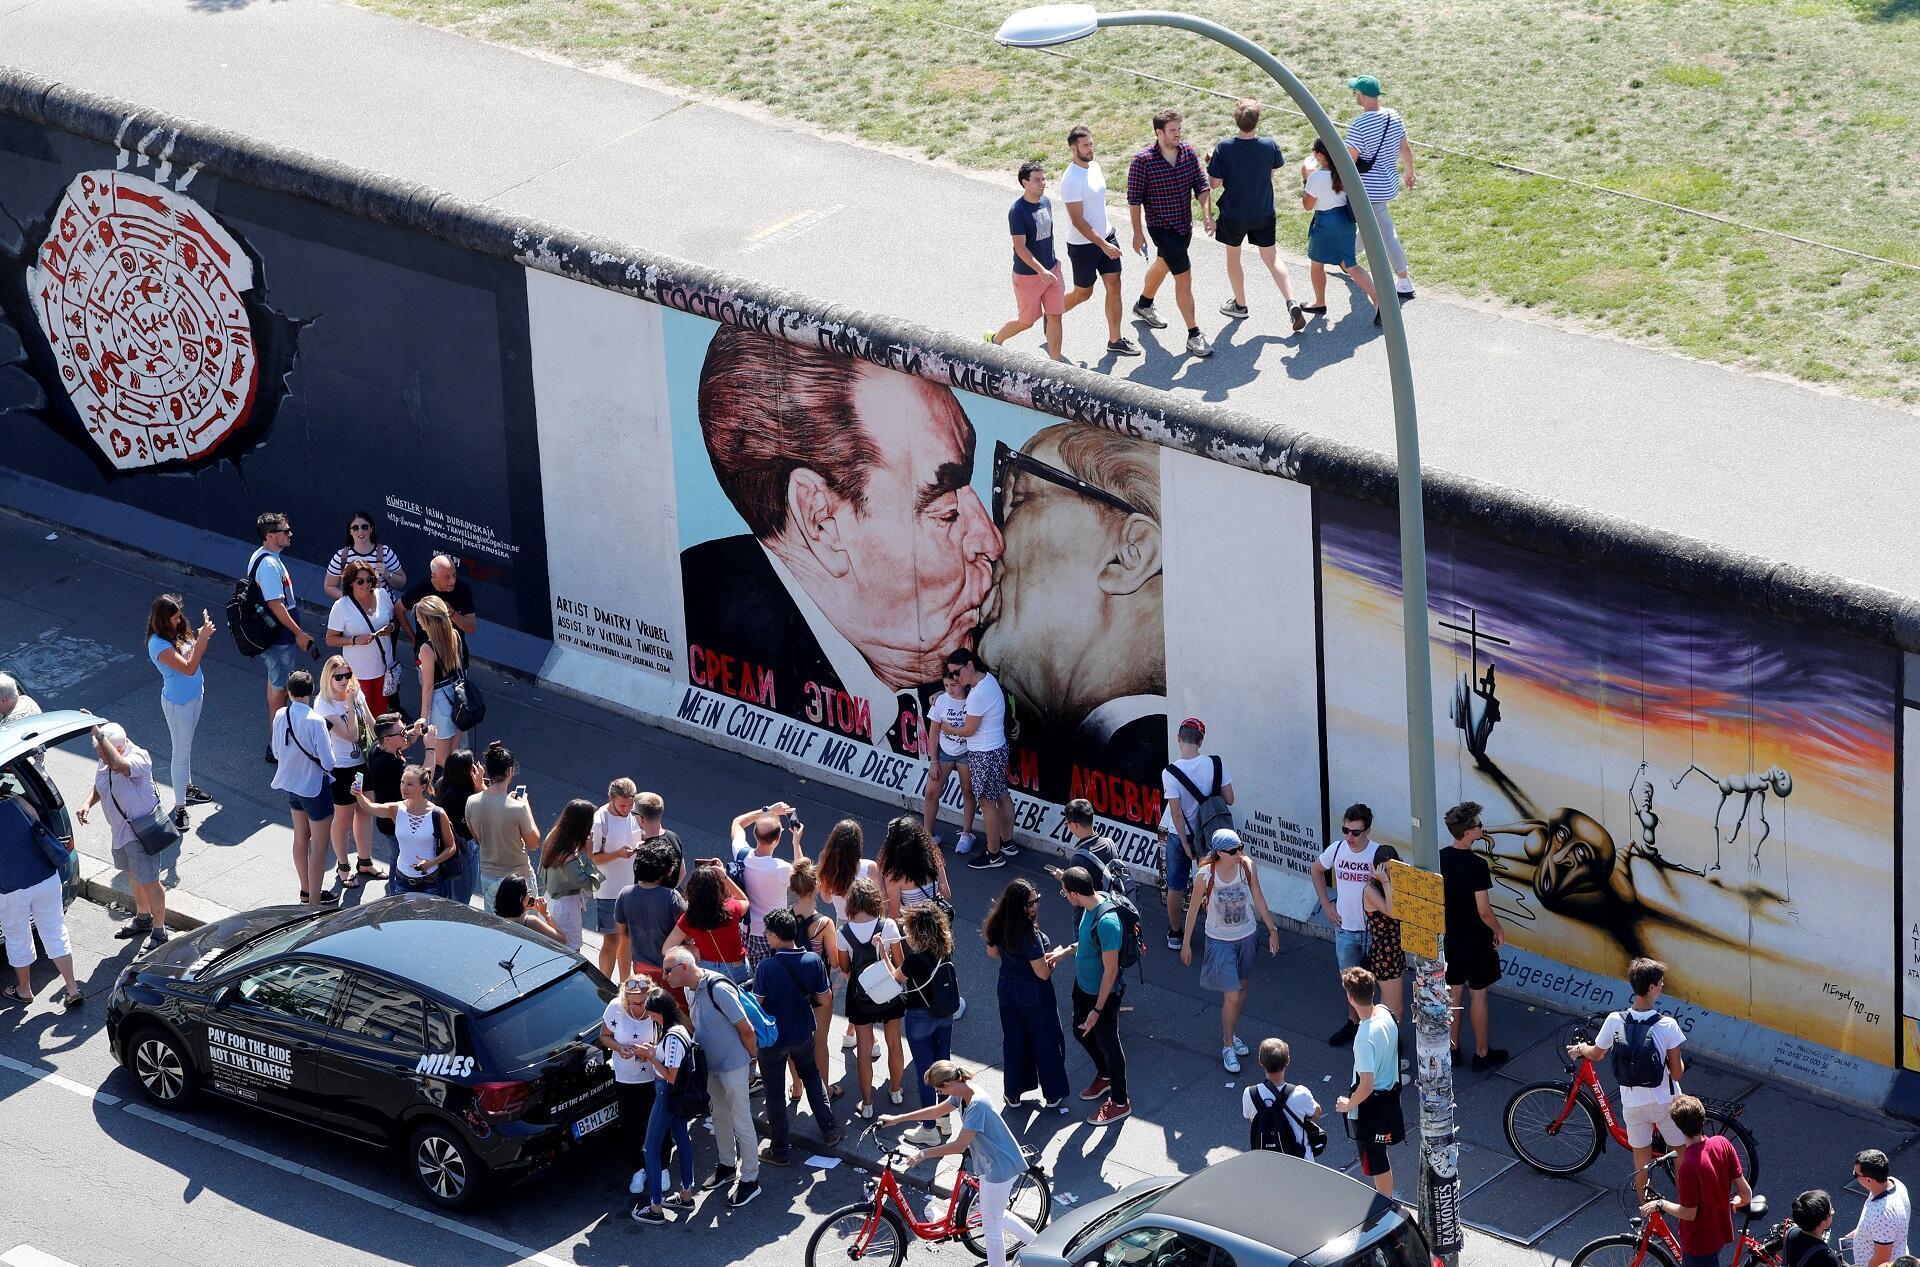 Hình ảnh cựu tổng bí thứ đảng CS Liên Xô Leonid Brezhnev hôn cựu lãnh đạo Đông Đức Erich Honecker, trên một mảng tường Berlin còn lại, Berlin, Đức, ngày 23/08/2019.